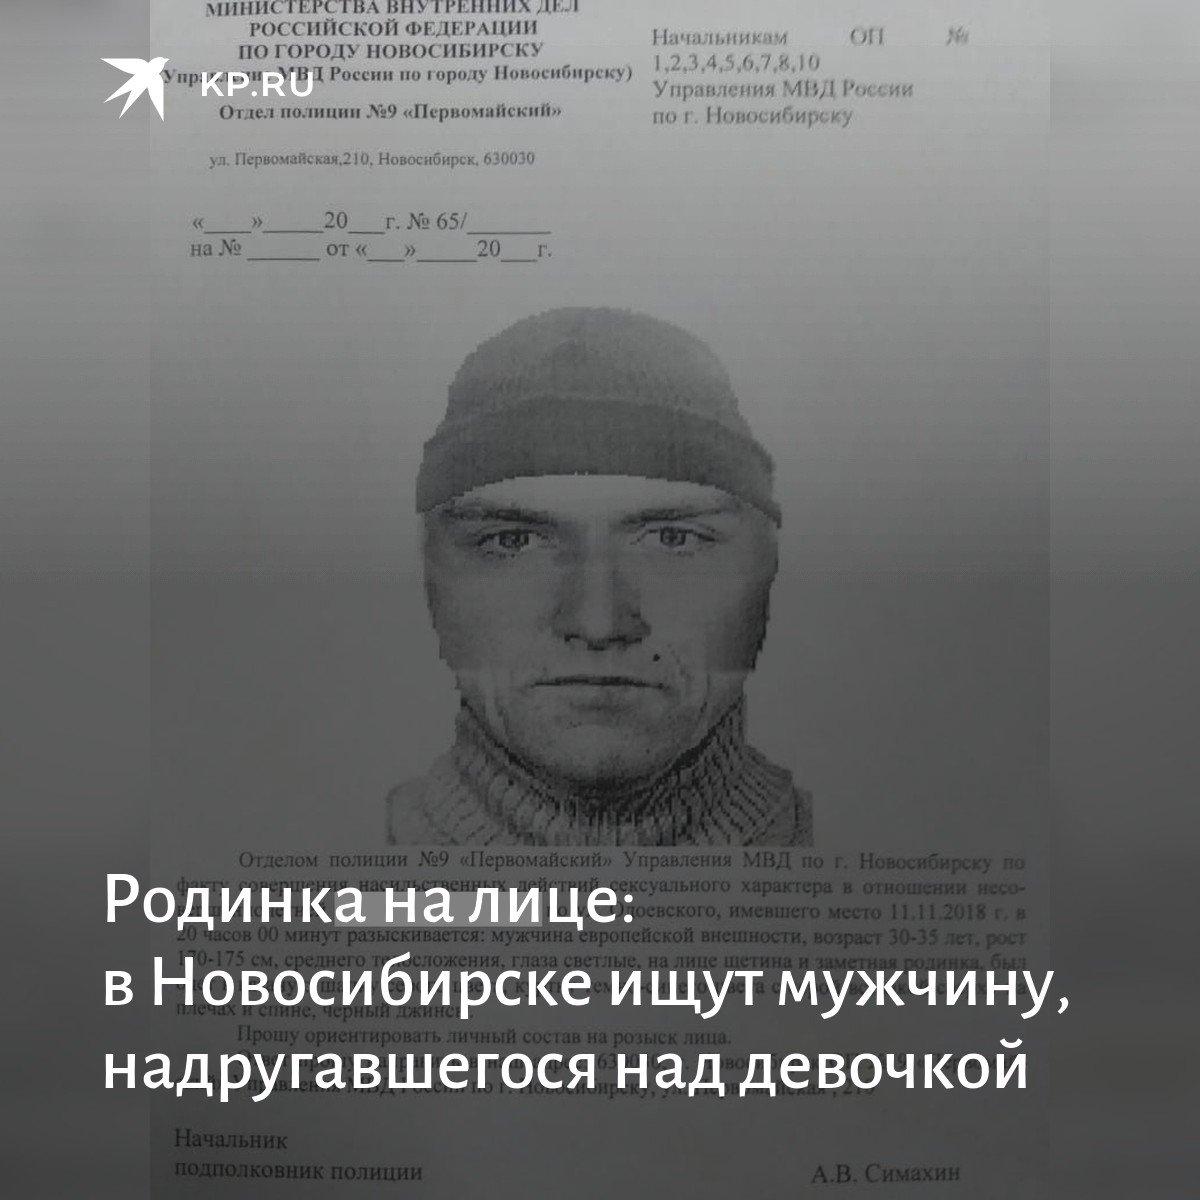 лица в розыске новосибирск фото средние века эти